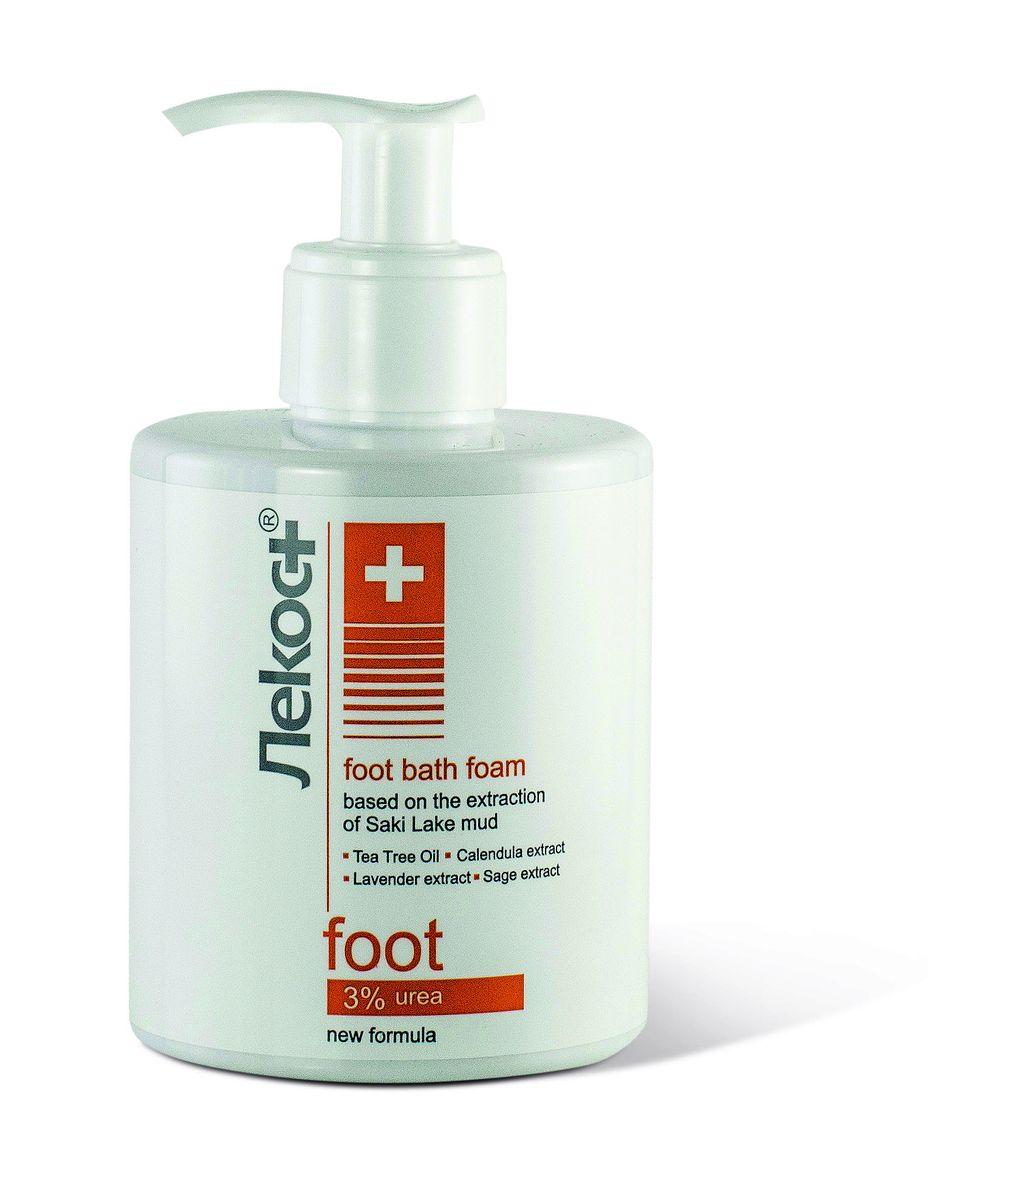 Лекос+ Пена для принятия ножных ванн, 290 млFS-00897УспокаиQ50:AW50 принятия ножных ванн с вытяжкой из грязи Сакского озера, обогащенной экстрактами календулы, шалфея и лаванды, снимает усталость и тяжесть в ногах. Масло чайного дерева оказывает противовоспалительное и антисептическое действие. Мочевина интенсивно увлажняет и размягчает загрубевшие участки кожи, способствует заживлению мелких ран и трещин.